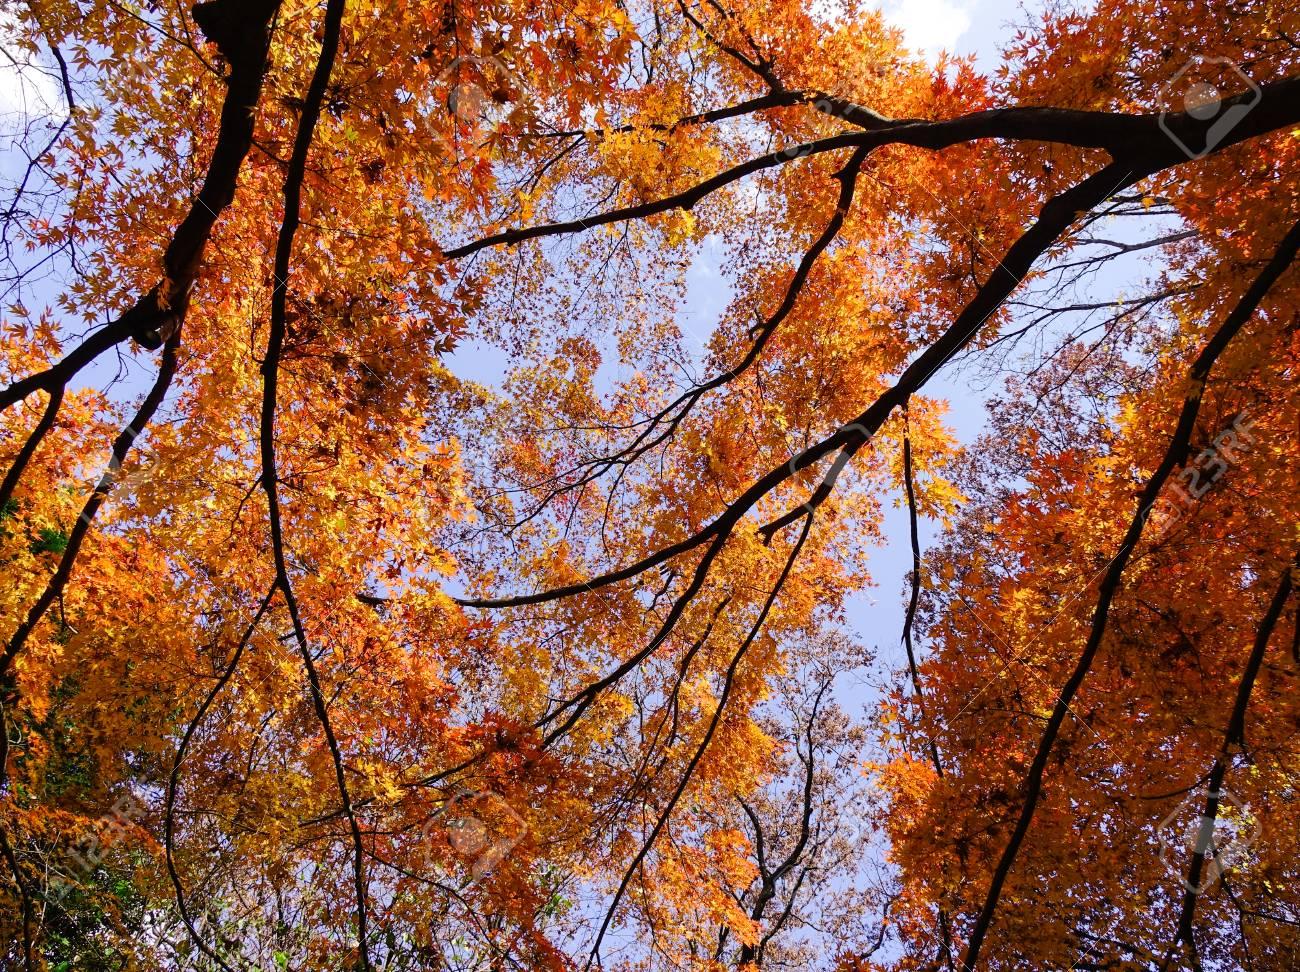 Acero Blu Giapponese alberi di acero con foglie rosse sotto il cielo blu in autunno a tokyo, in  giappone. tokyo è la capitale e la città più popolosa del giappone.